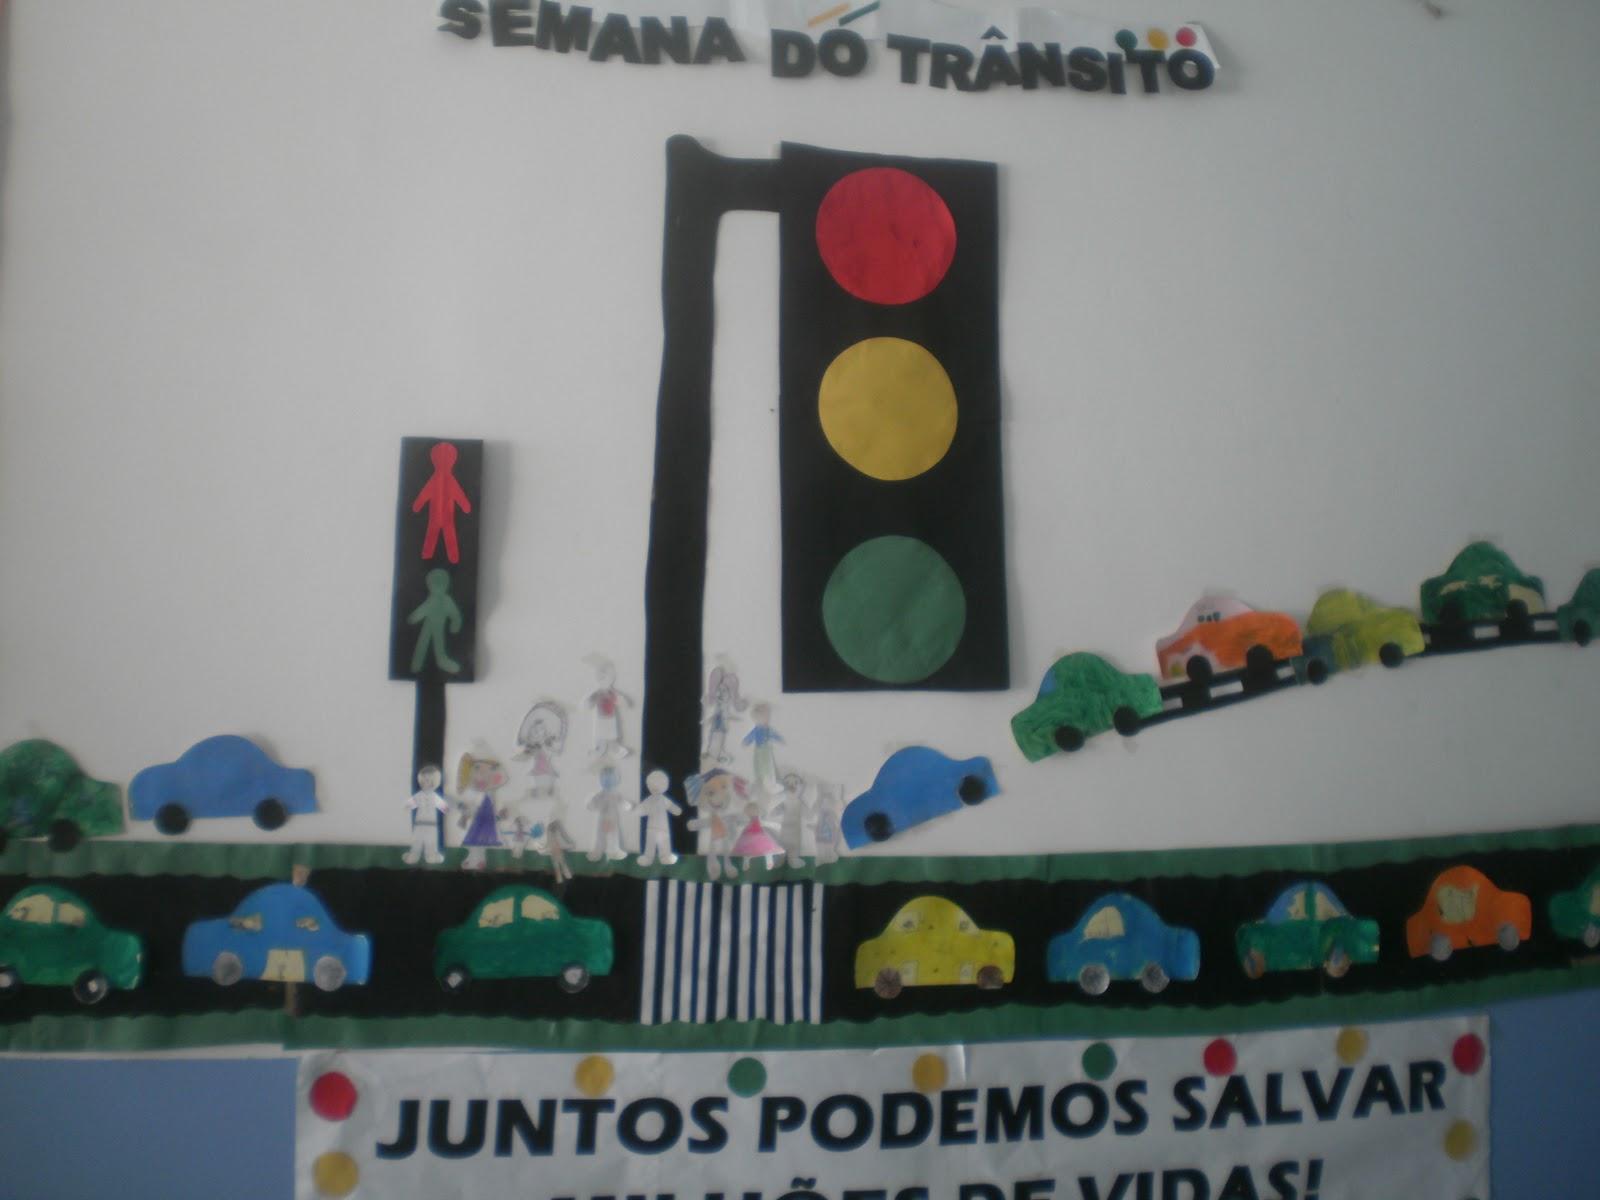 Preferência A Arte de Ensinar - Educação Infantil: SEMANA DO TRÂNSITO UO34